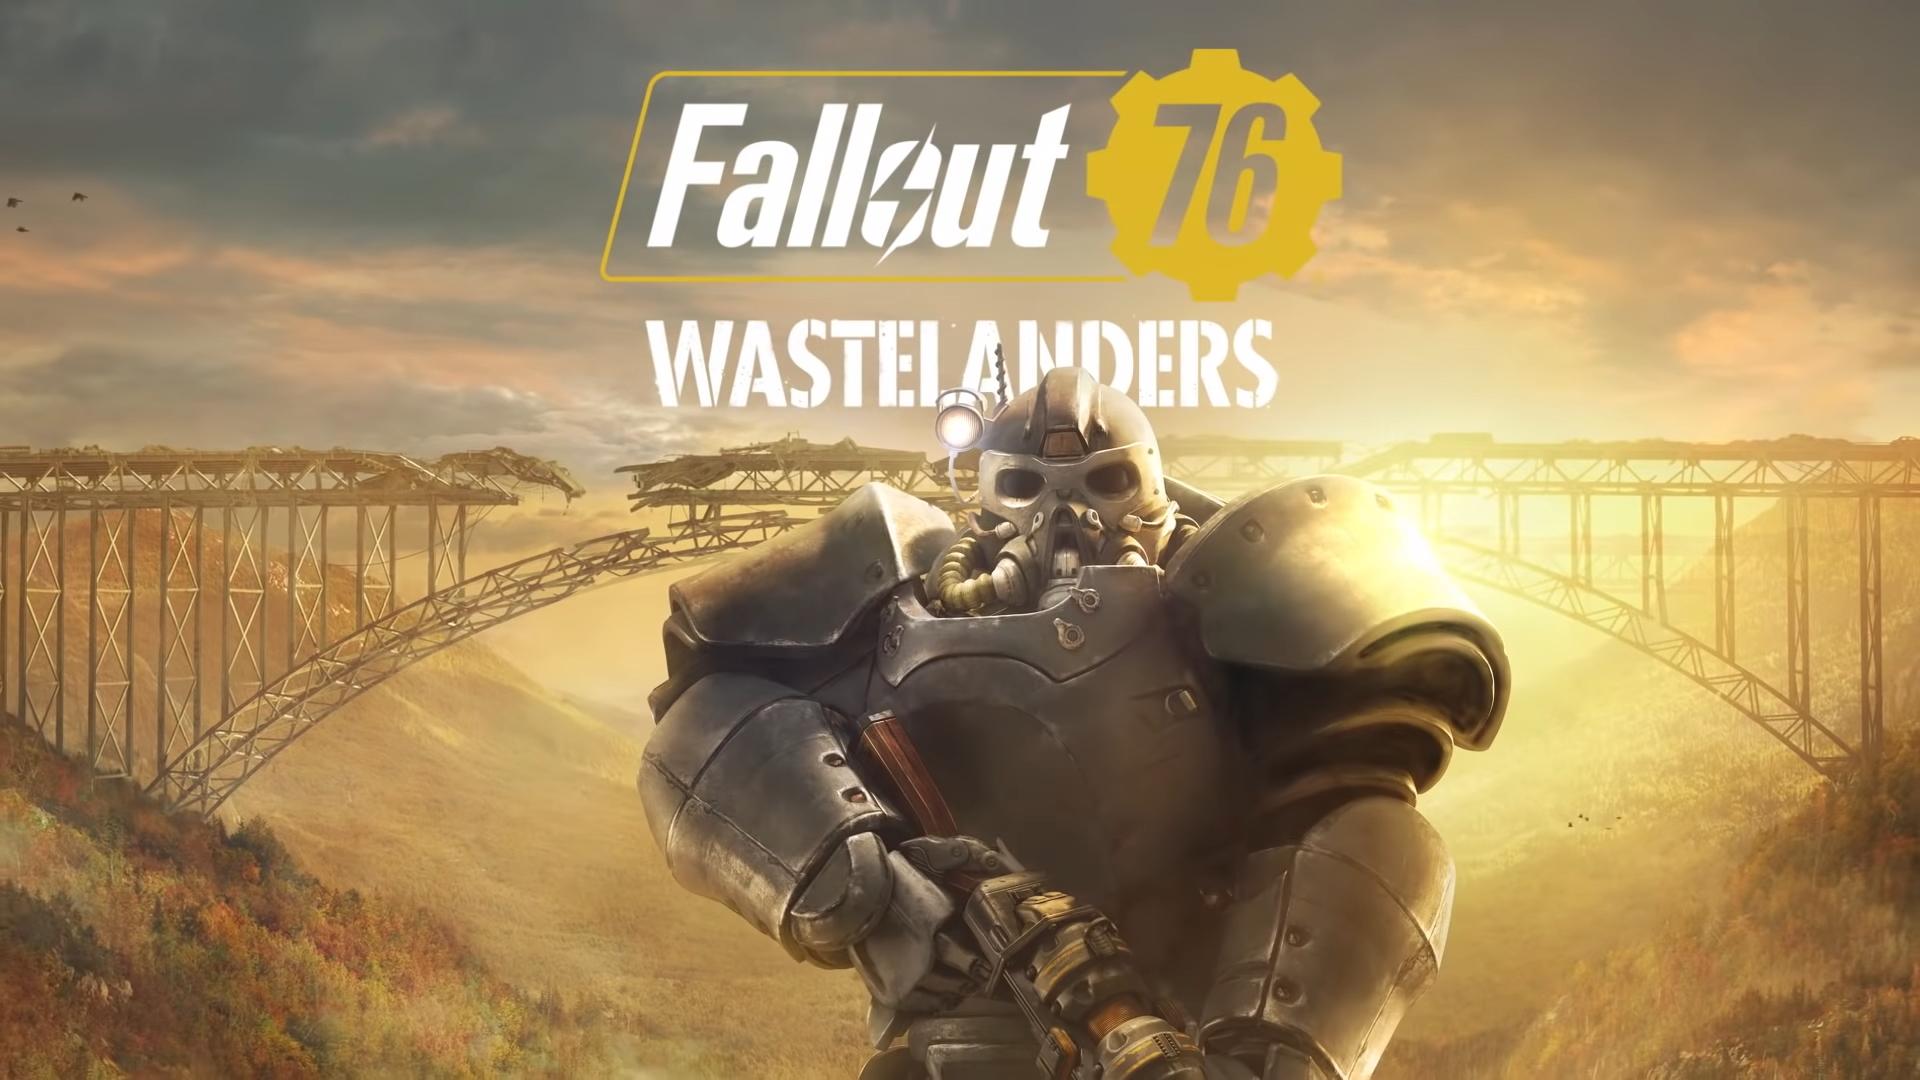 Annunciata la data d'uscita di Fallout 76: Wastelanders